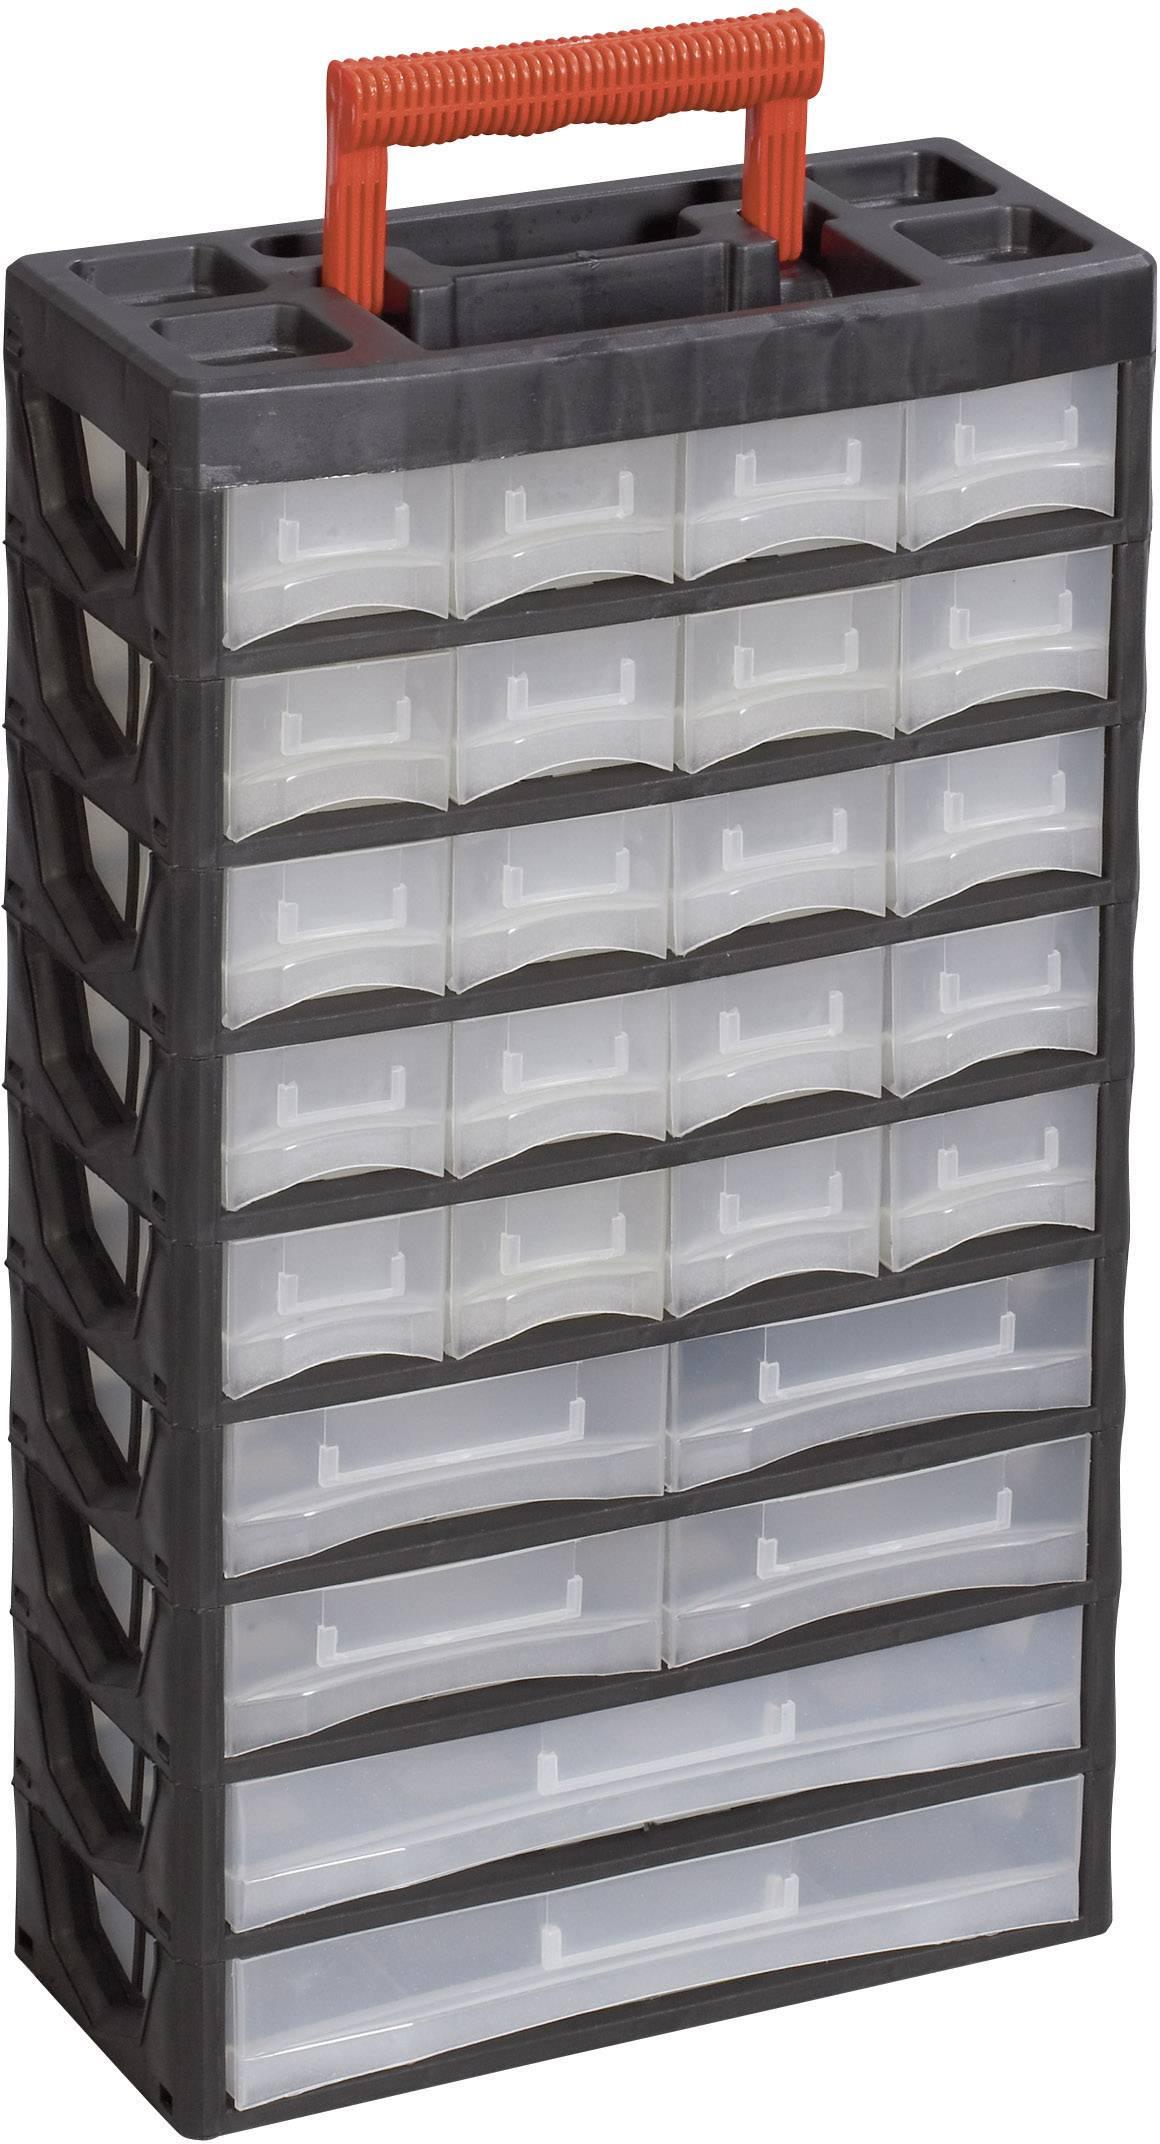 Organizér na drobné náradie Alutec 56675, 315 x 140 x 565 mm